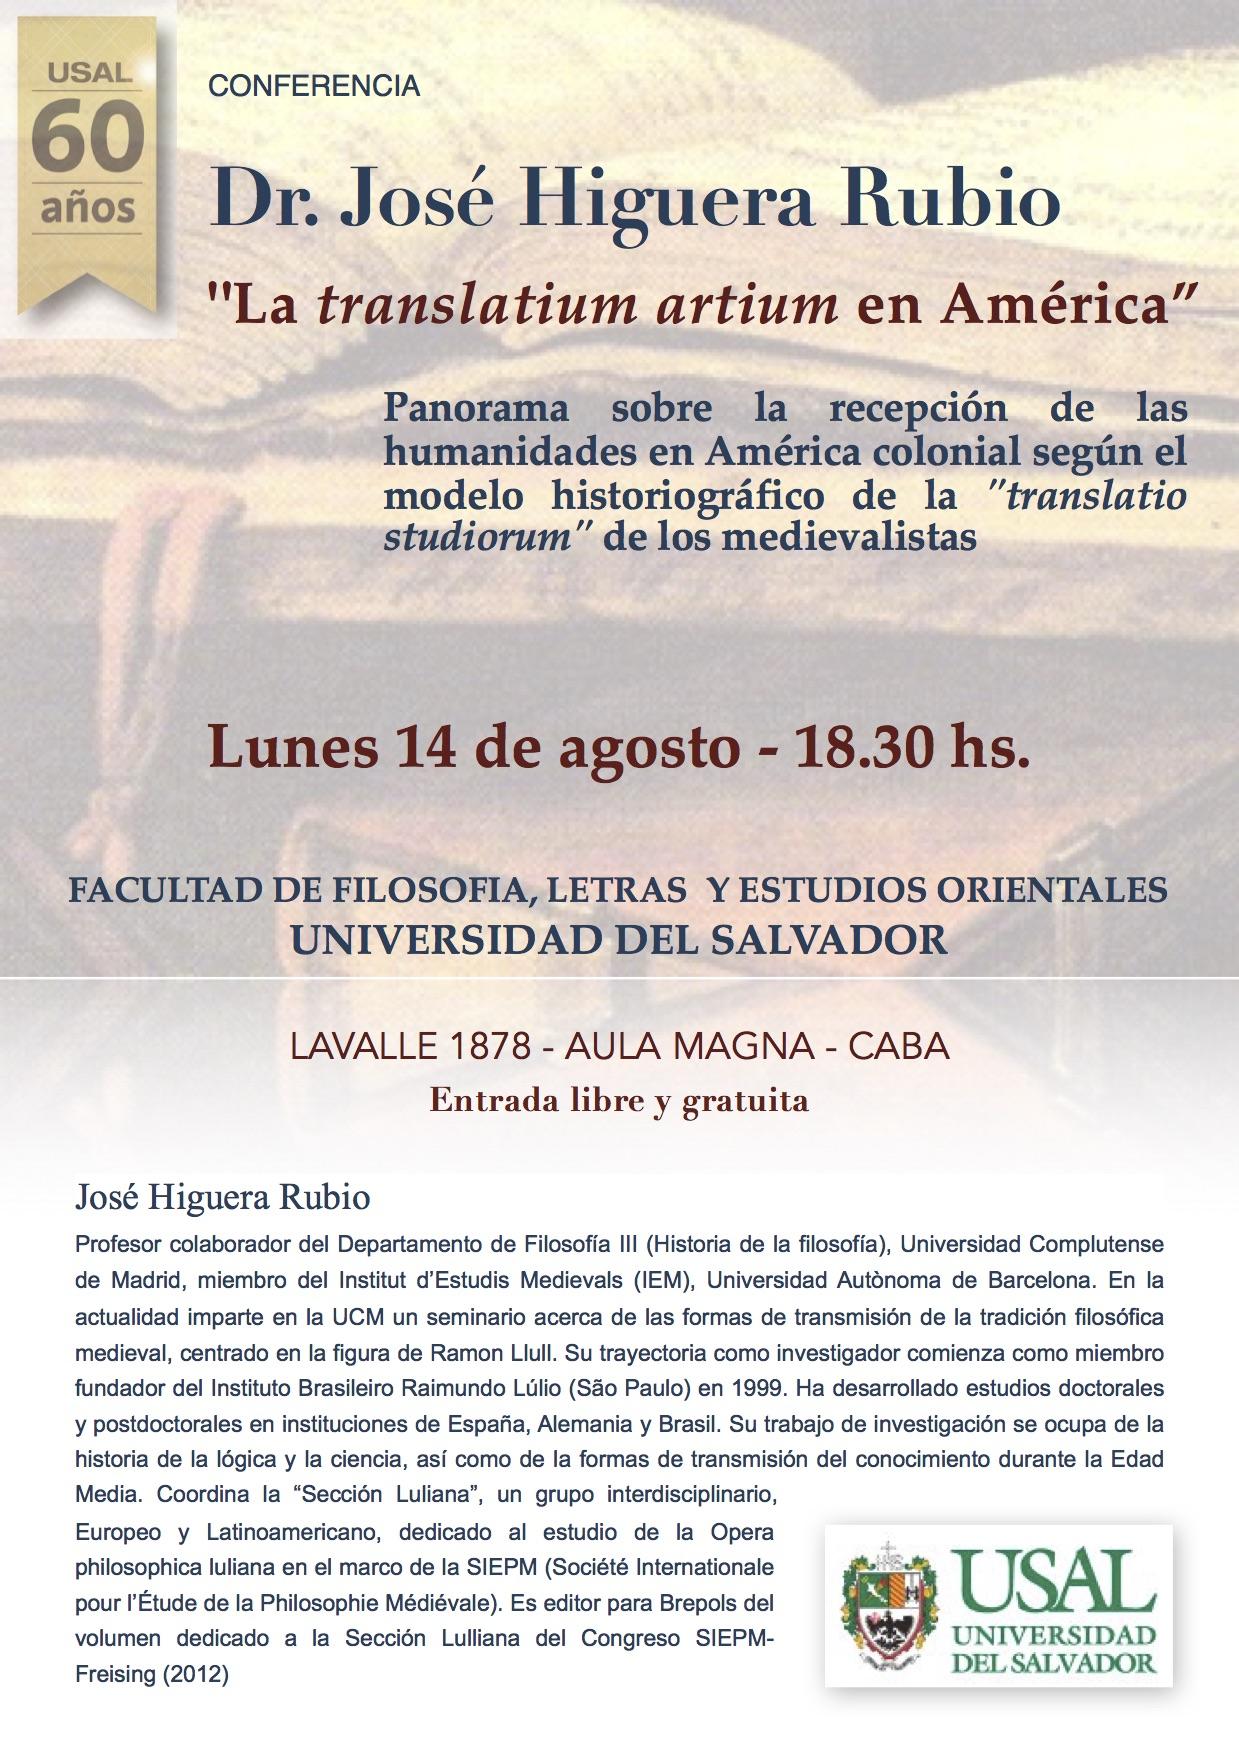 Conferencia Dr. José Higuera Rubio